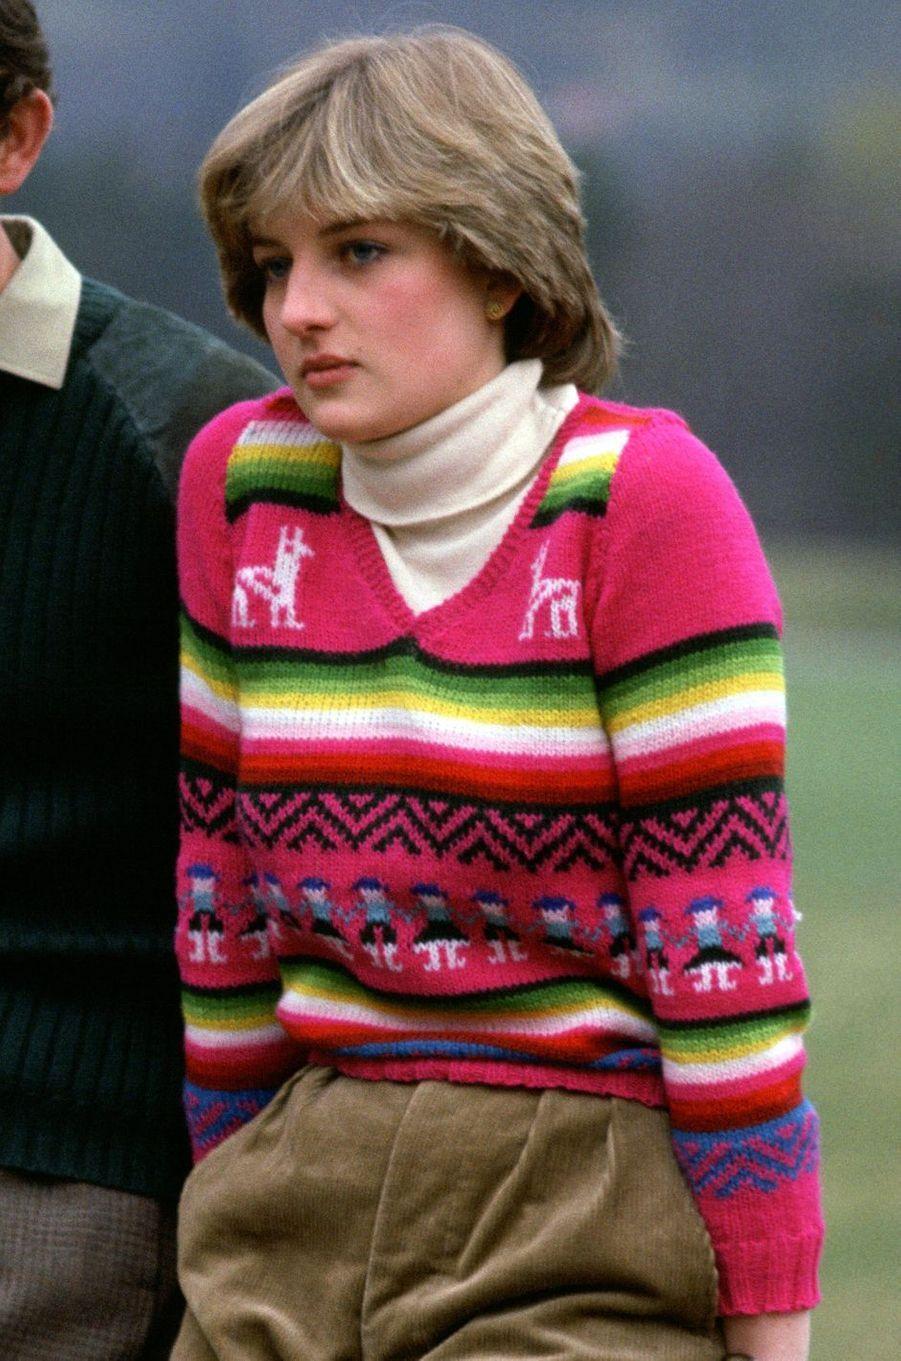 Le pull de Lady Diana Spencer le 6 mai 1981